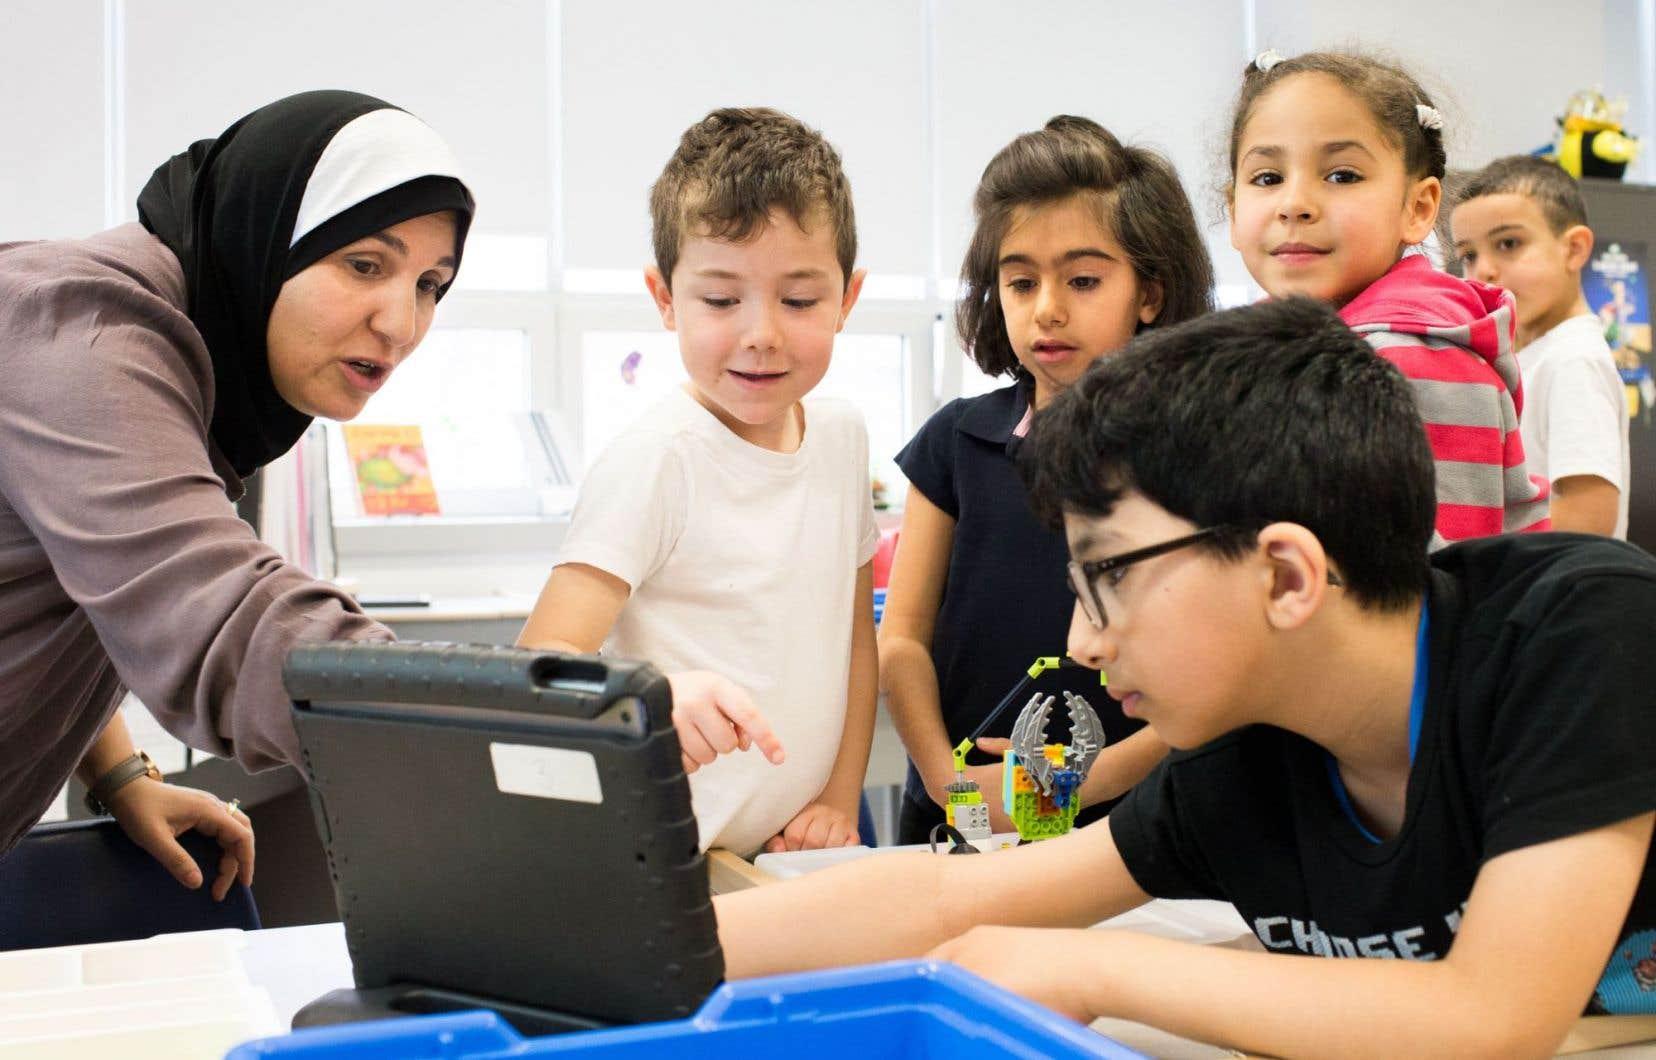 Outre le problème de manque d'autonomie, certains professeurs croient que la nouvelle politique du ministre Proulx met trop l'accent sur l'atteinte de cibles de réussite scolaire.